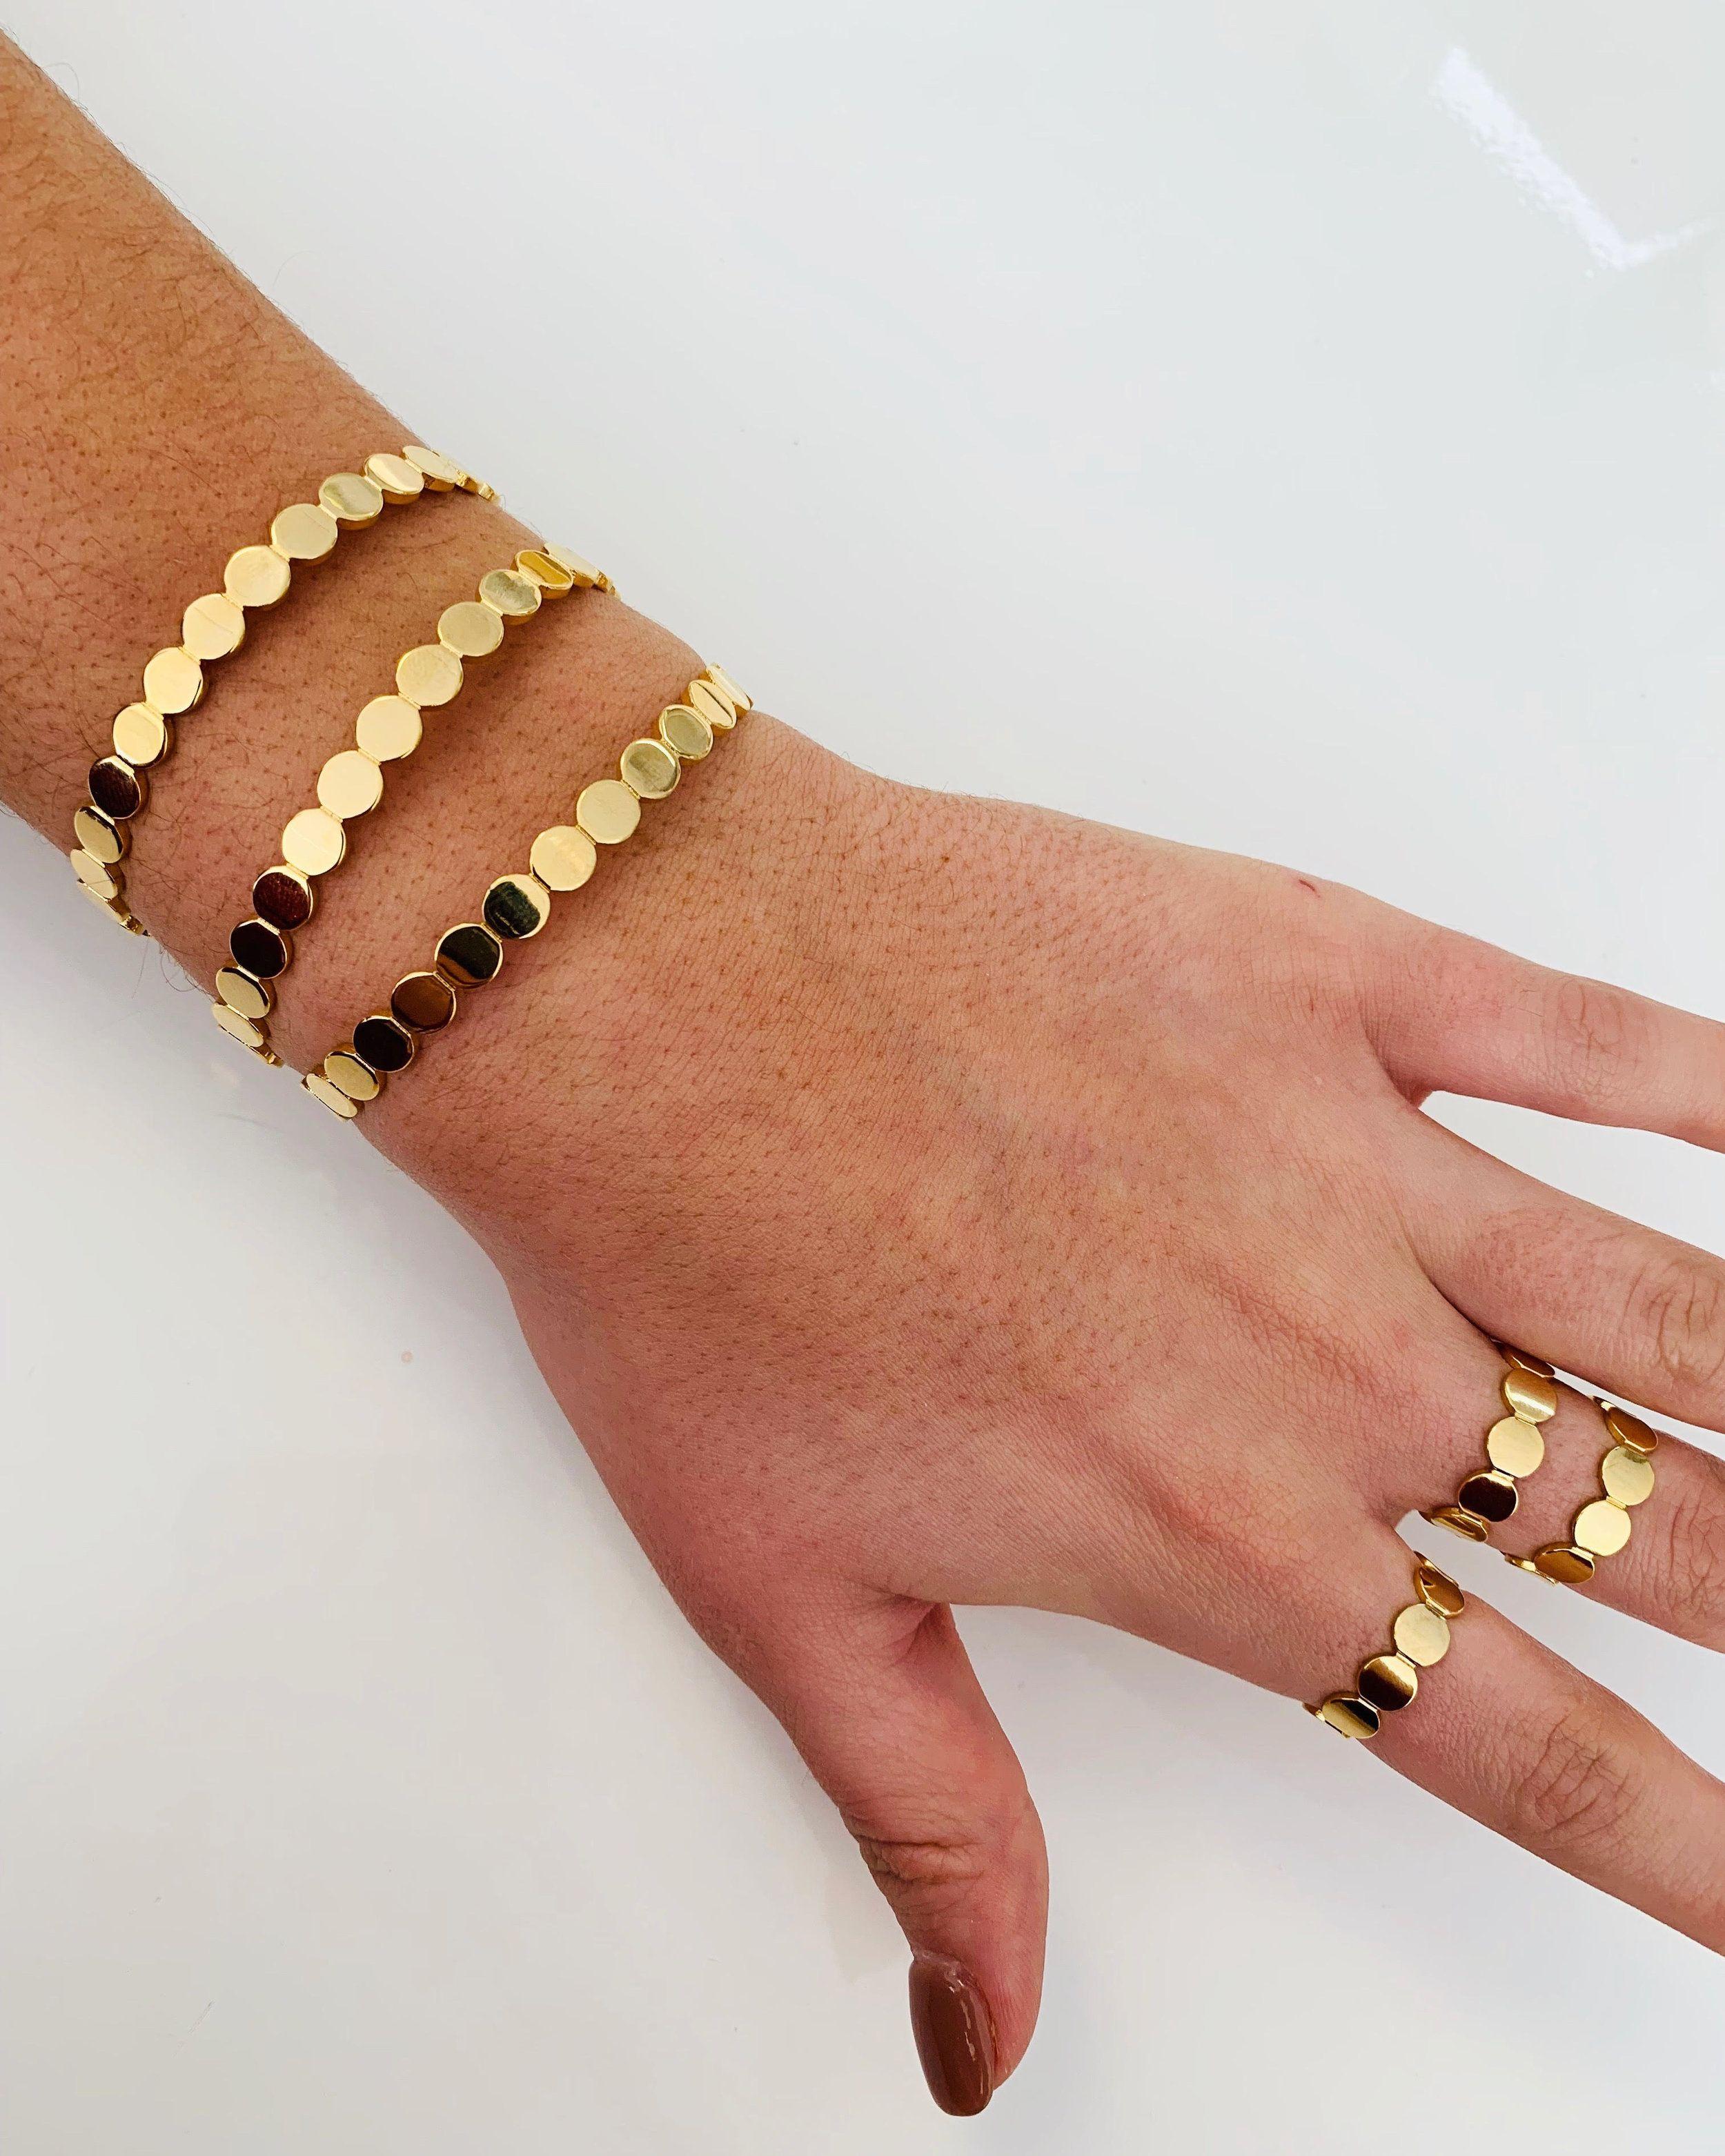 delicate bracelet handmade bracelet gift for women israel jewelry birthday gift for her sterling silver bangle bracelets for women